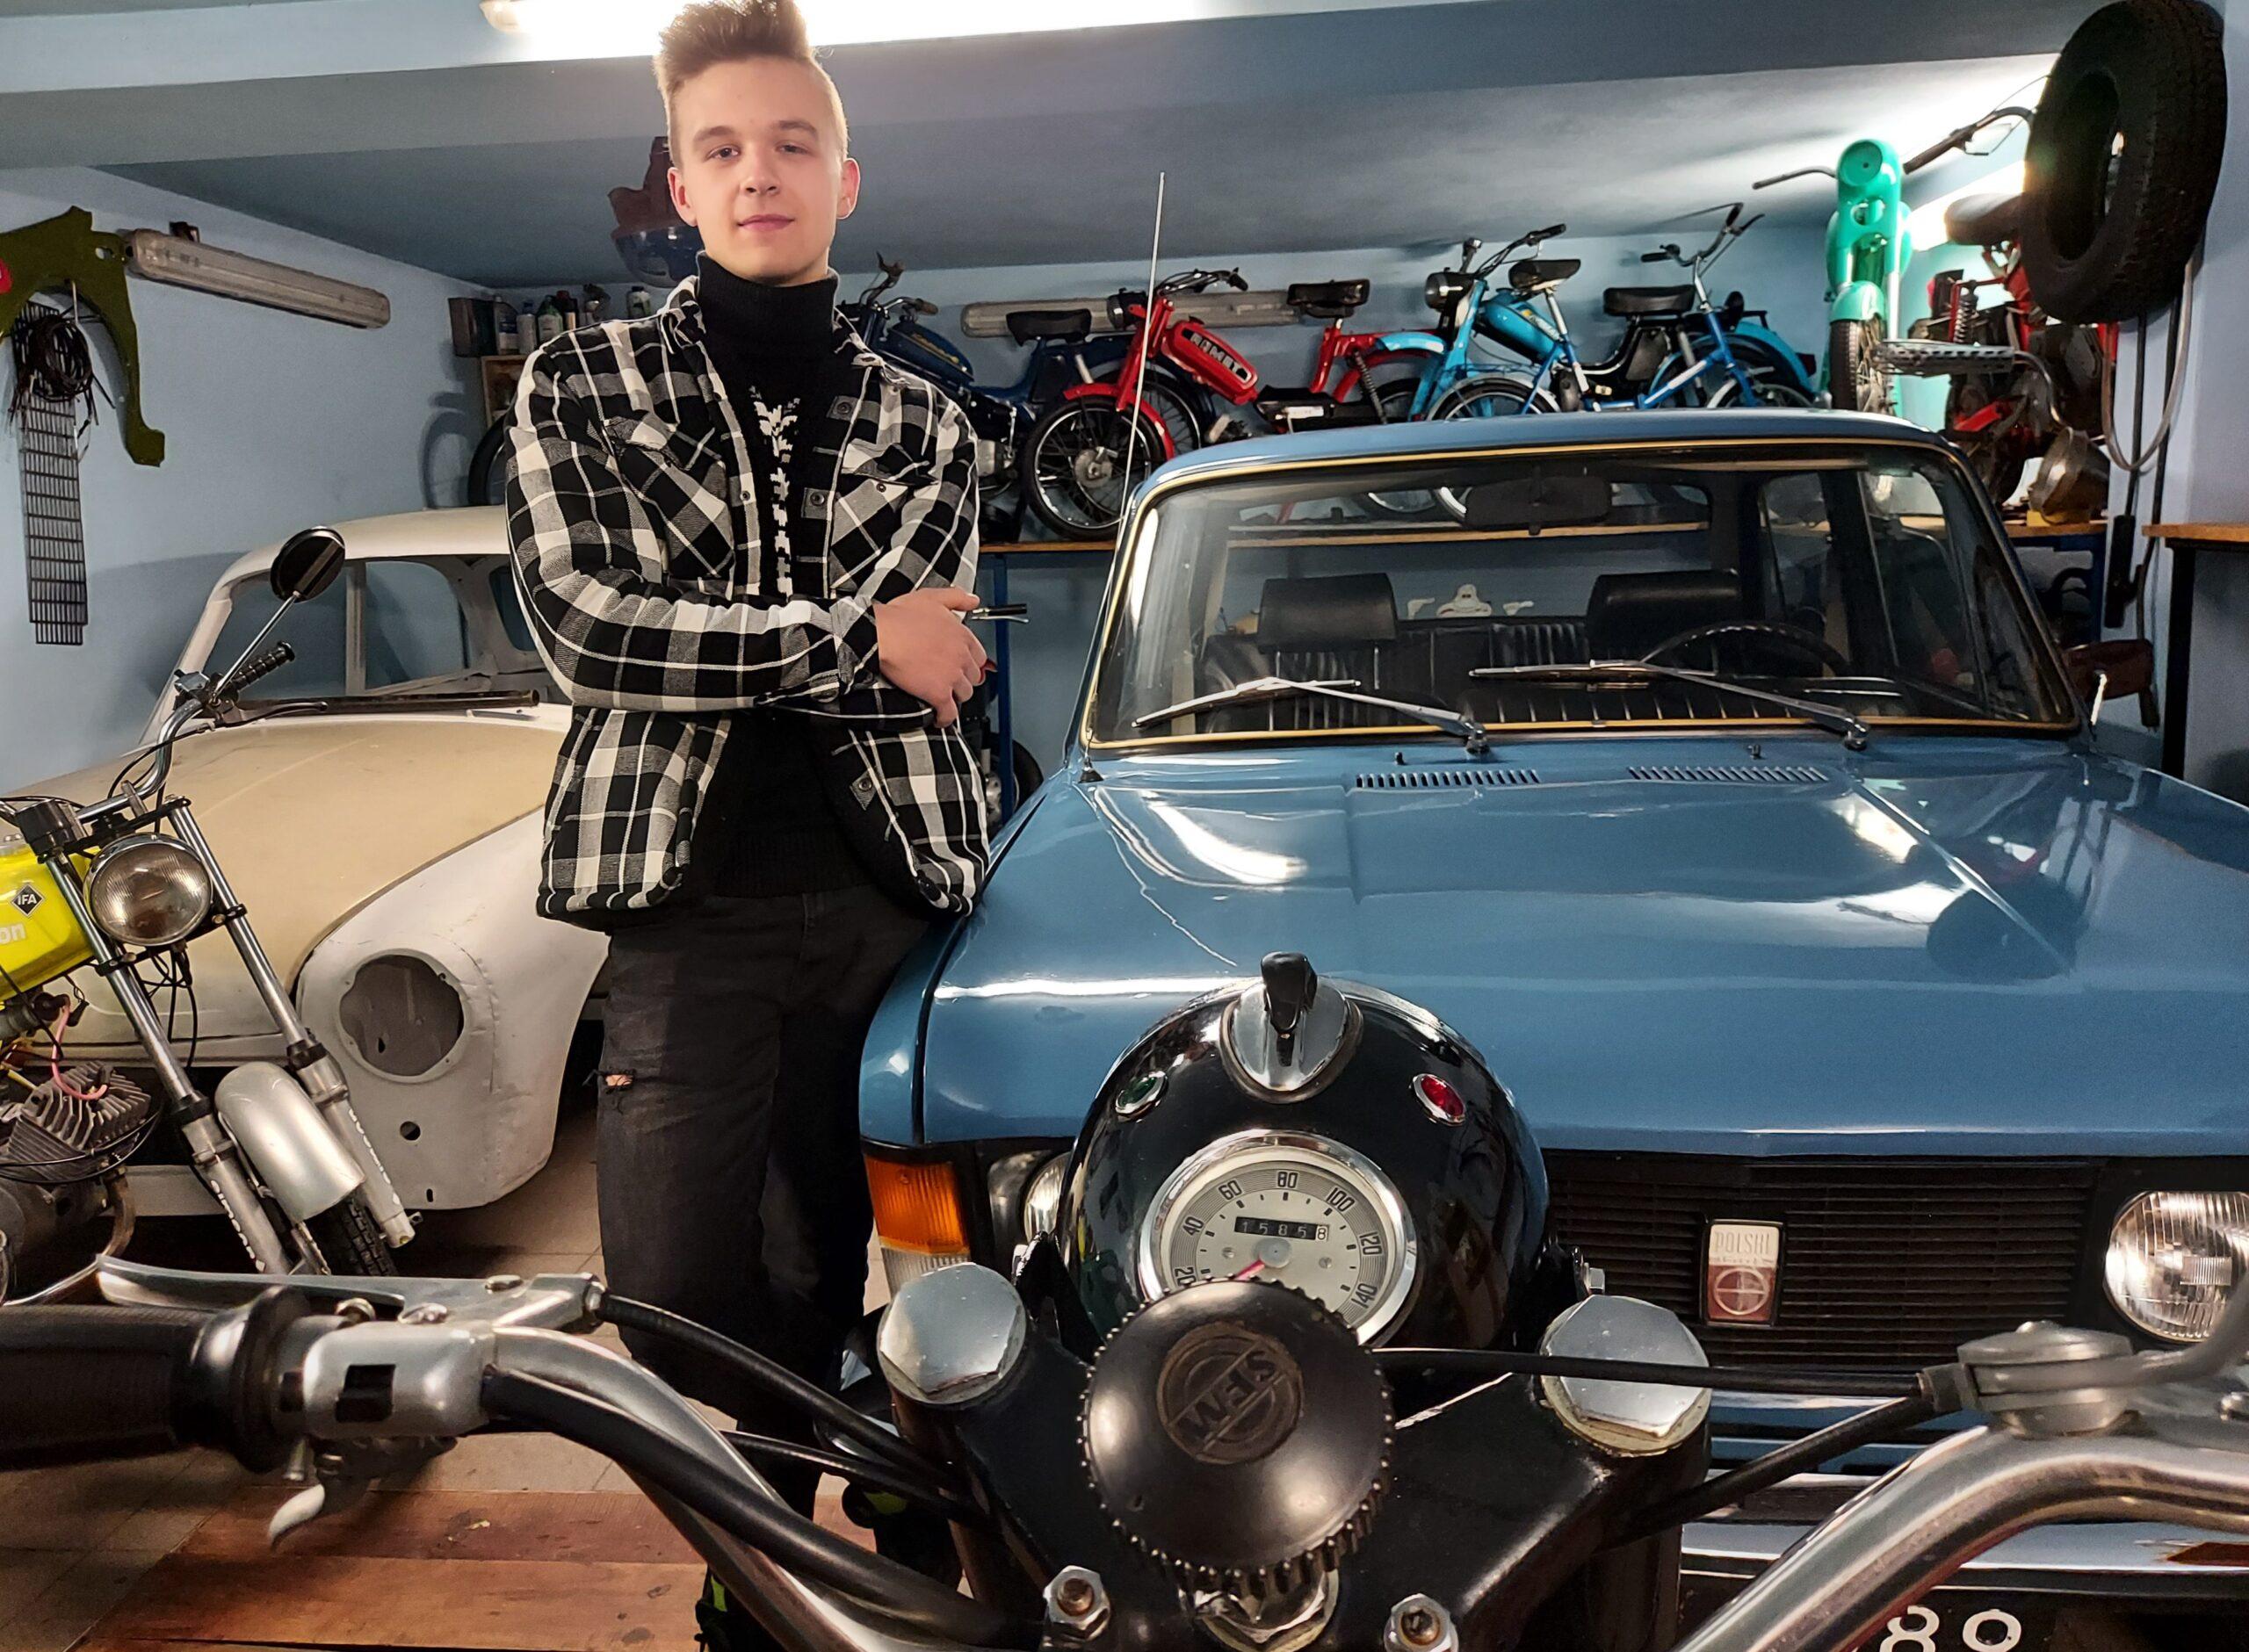 Motocyklowa choinka Bartka